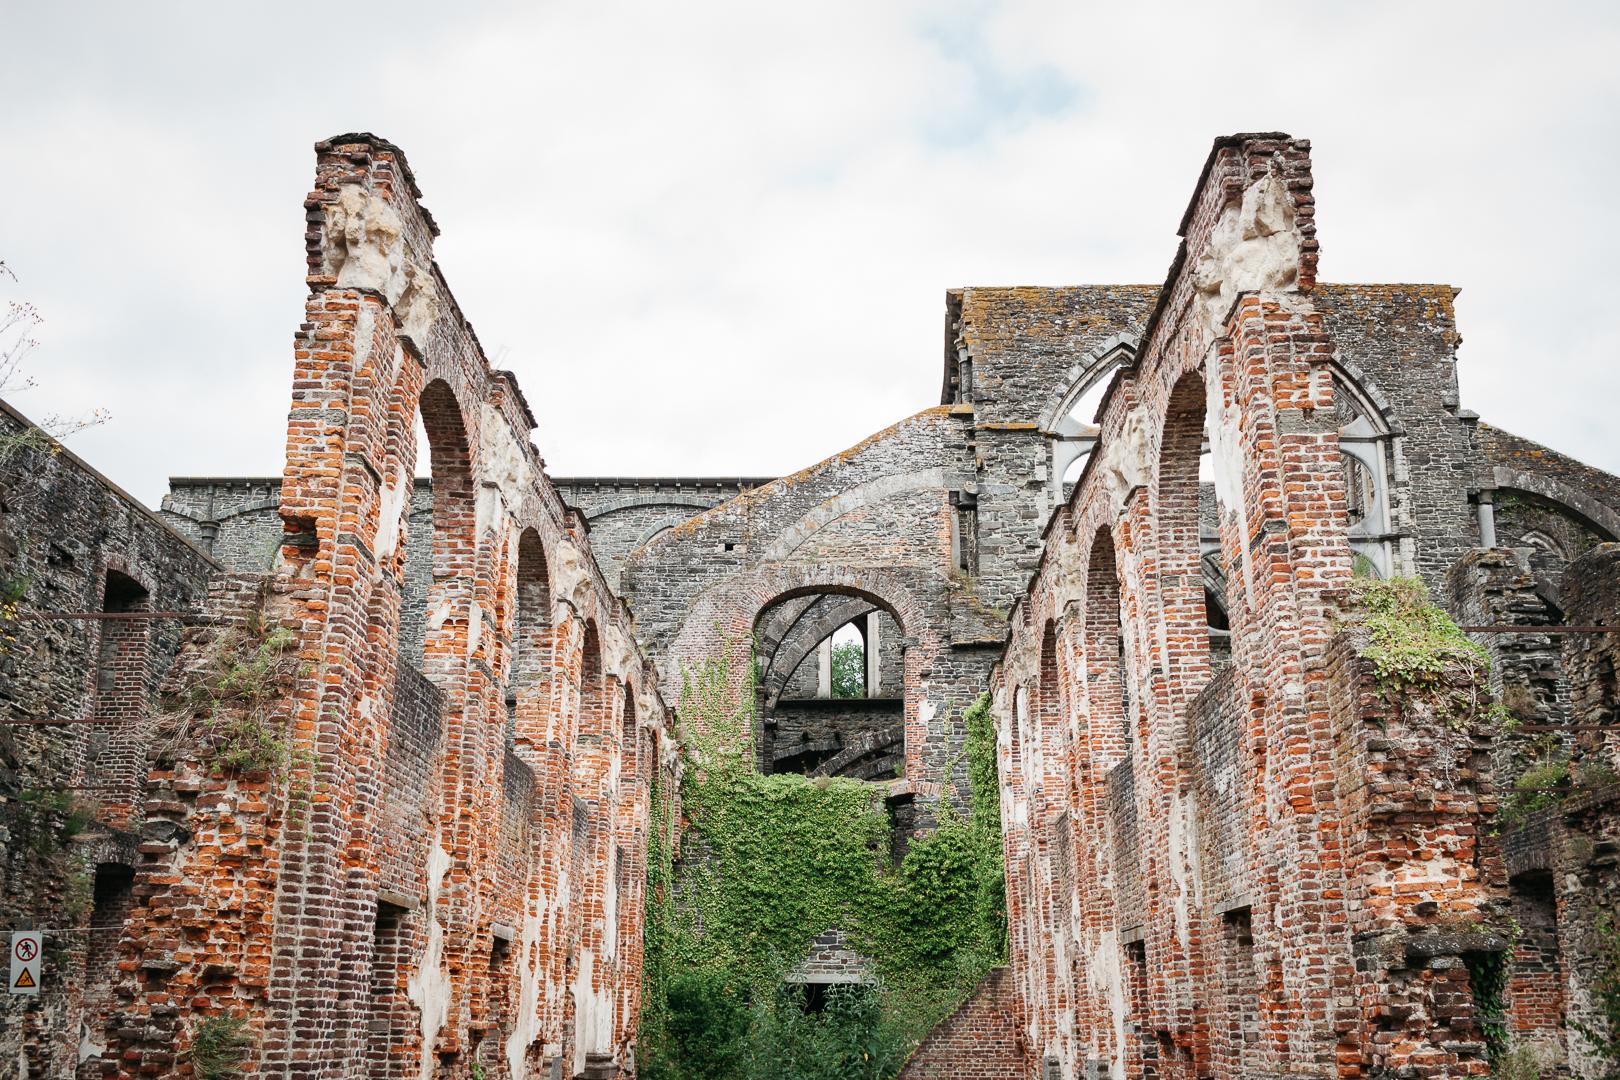 Enchanting ruins